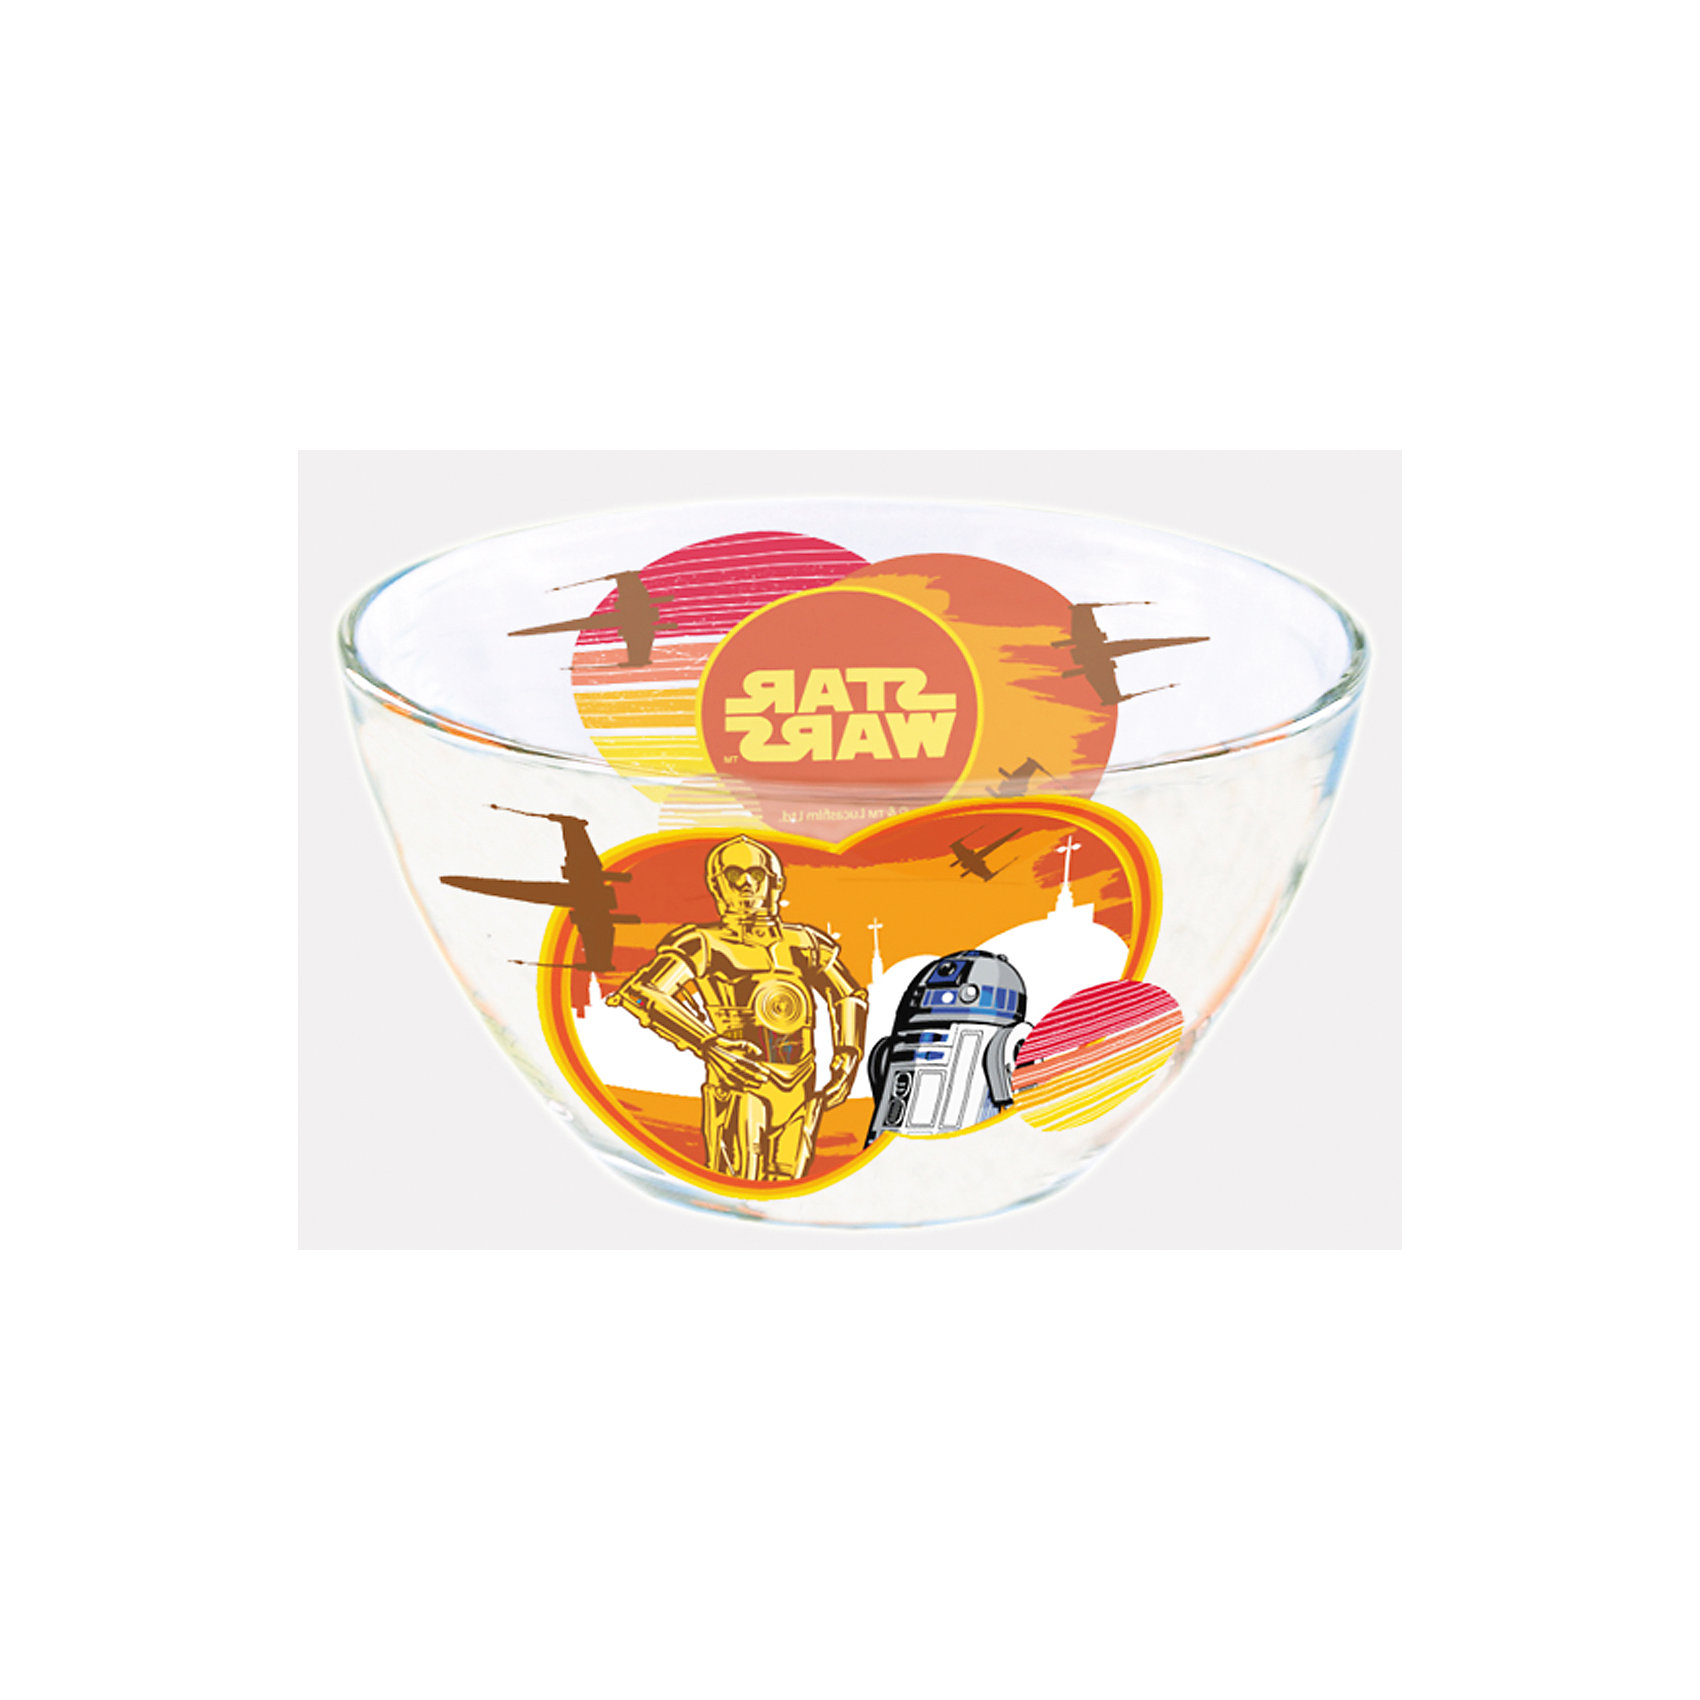 Салатник Роботы (стекло, диаметр 13 см), Звездные войныСалатник Роботы (стекло, диаметр 13 см), Звездные войны – это отличный подарок для фаната вселенной Star Wars.<br>Стеклянный салатник Роботы, оформленный ярким красочным рисунком  с изображением дроидов R2-D2 и C-3PO героев киносаги «Звездные войны» и надписью «Star Wars», идеально подойдет для повседневного использования. Салатник изготовлен из безопасного качественного материала.<br><br>Дополнительная информация:<br><br>- Диаметр: 13 см.<br>- Глубина: 7 см.<br>- Цвет рисунка: оранжевый<br>- Материал: стекло<br><br>Салатник Роботы (стекло, диаметр 13 см), Звездные войны можно купить в нашем интернет-магазине.<br><br>Ширина мм: 130<br>Глубина мм: 130<br>Высота мм: 70<br>Вес г: 280<br>Возраст от месяцев: 36<br>Возраст до месяцев: 144<br>Пол: Унисекс<br>Возраст: Детский<br>SKU: 4536262